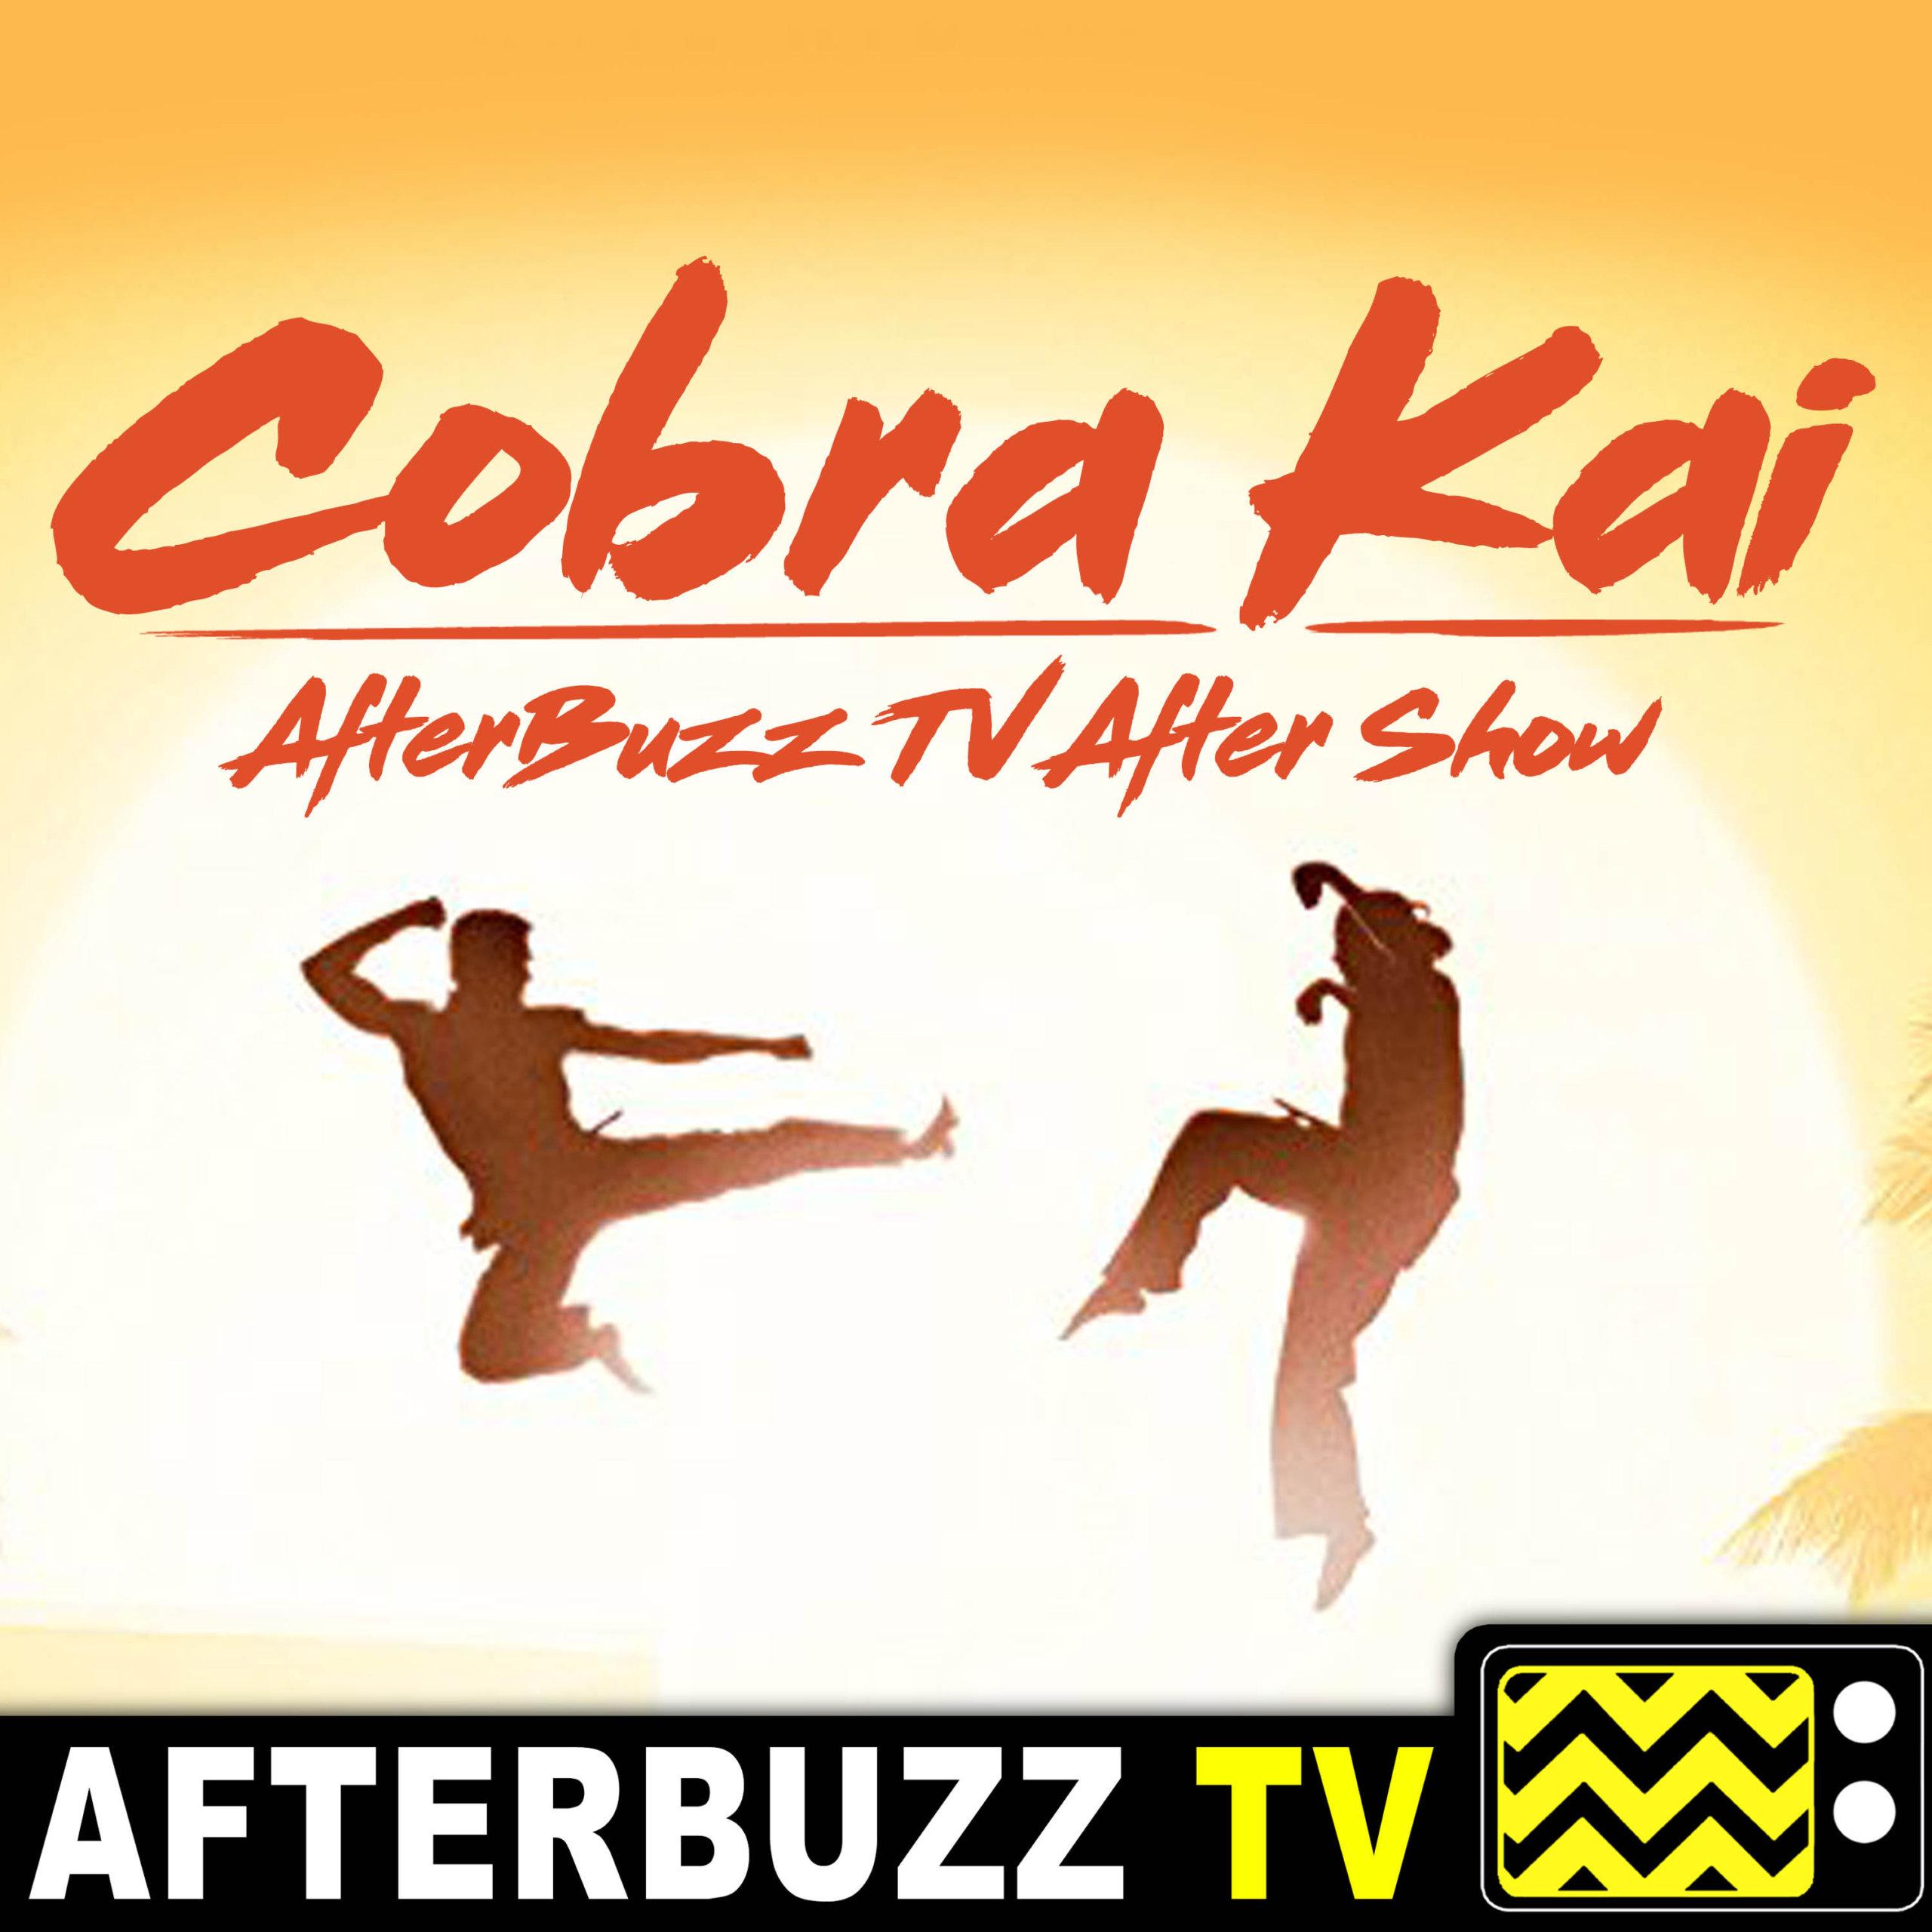 Martin Kove Interview Season 2 'Cobra Kai' Special